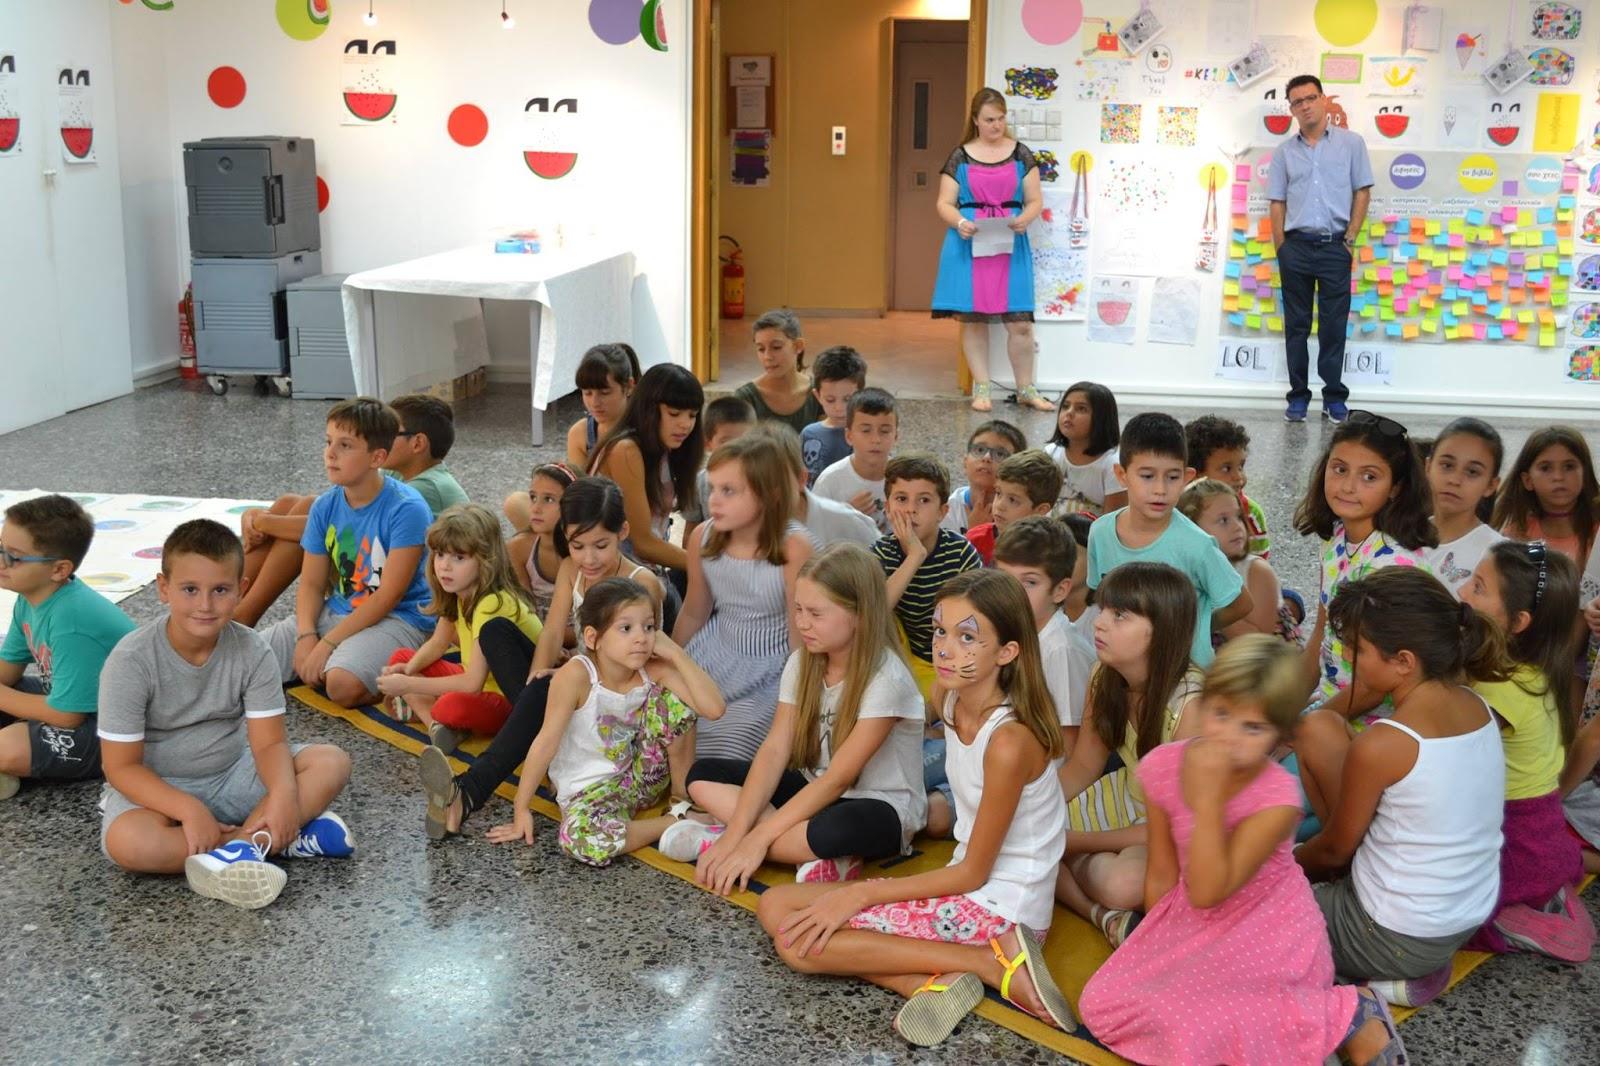 Γιορτή λήξης για την Καλοκαιρινή Εκστρατεία Ανάγνωσης και Δημιουργικότητας της Δημοτικής Βιβλιοθήκης Λάρισας